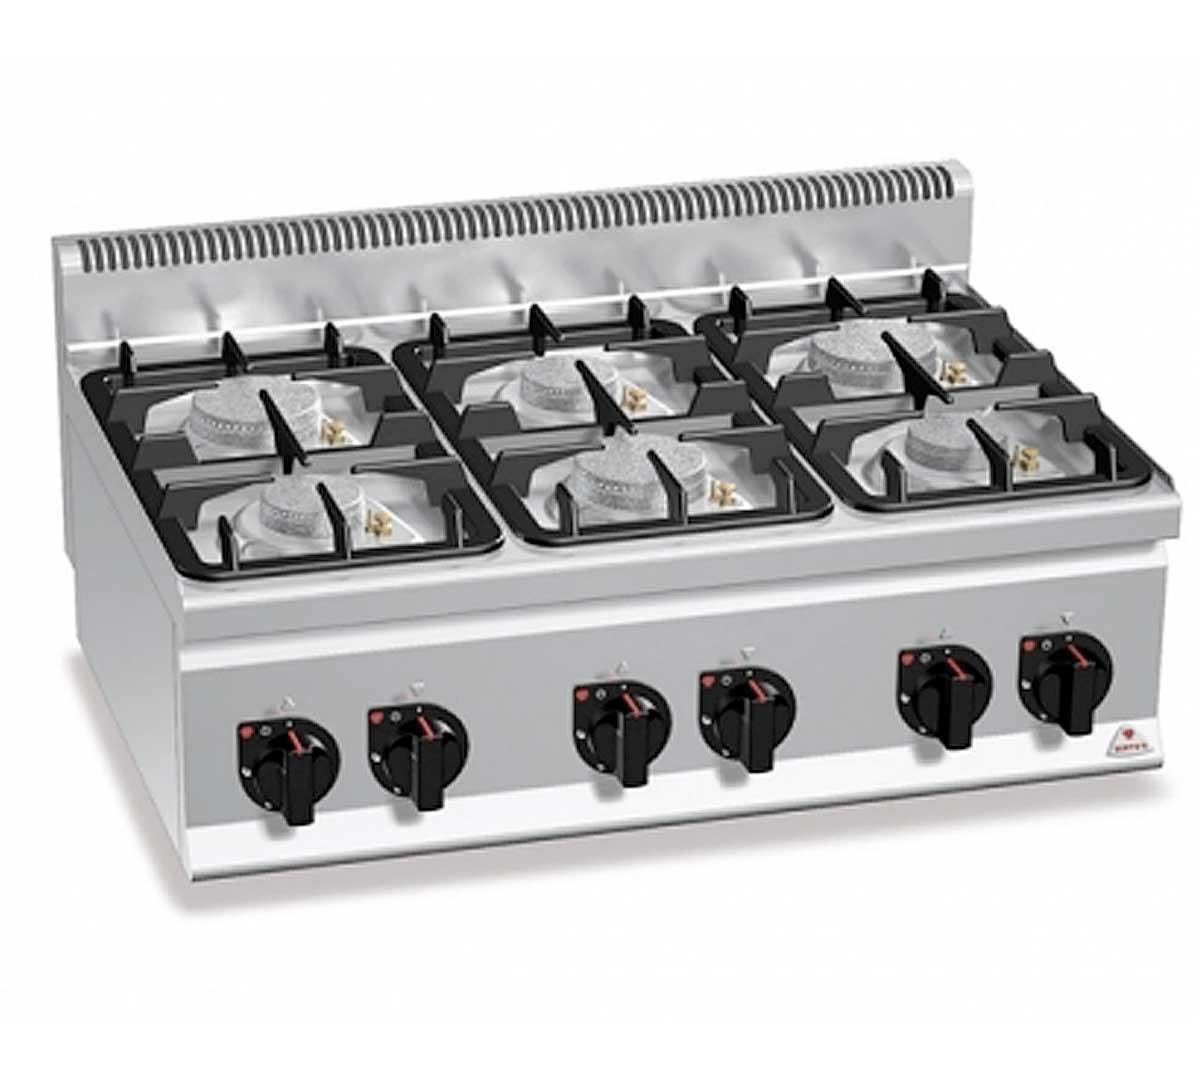 Fogones Cocina | Cocina Serie 600 Eco G6f De Bertos